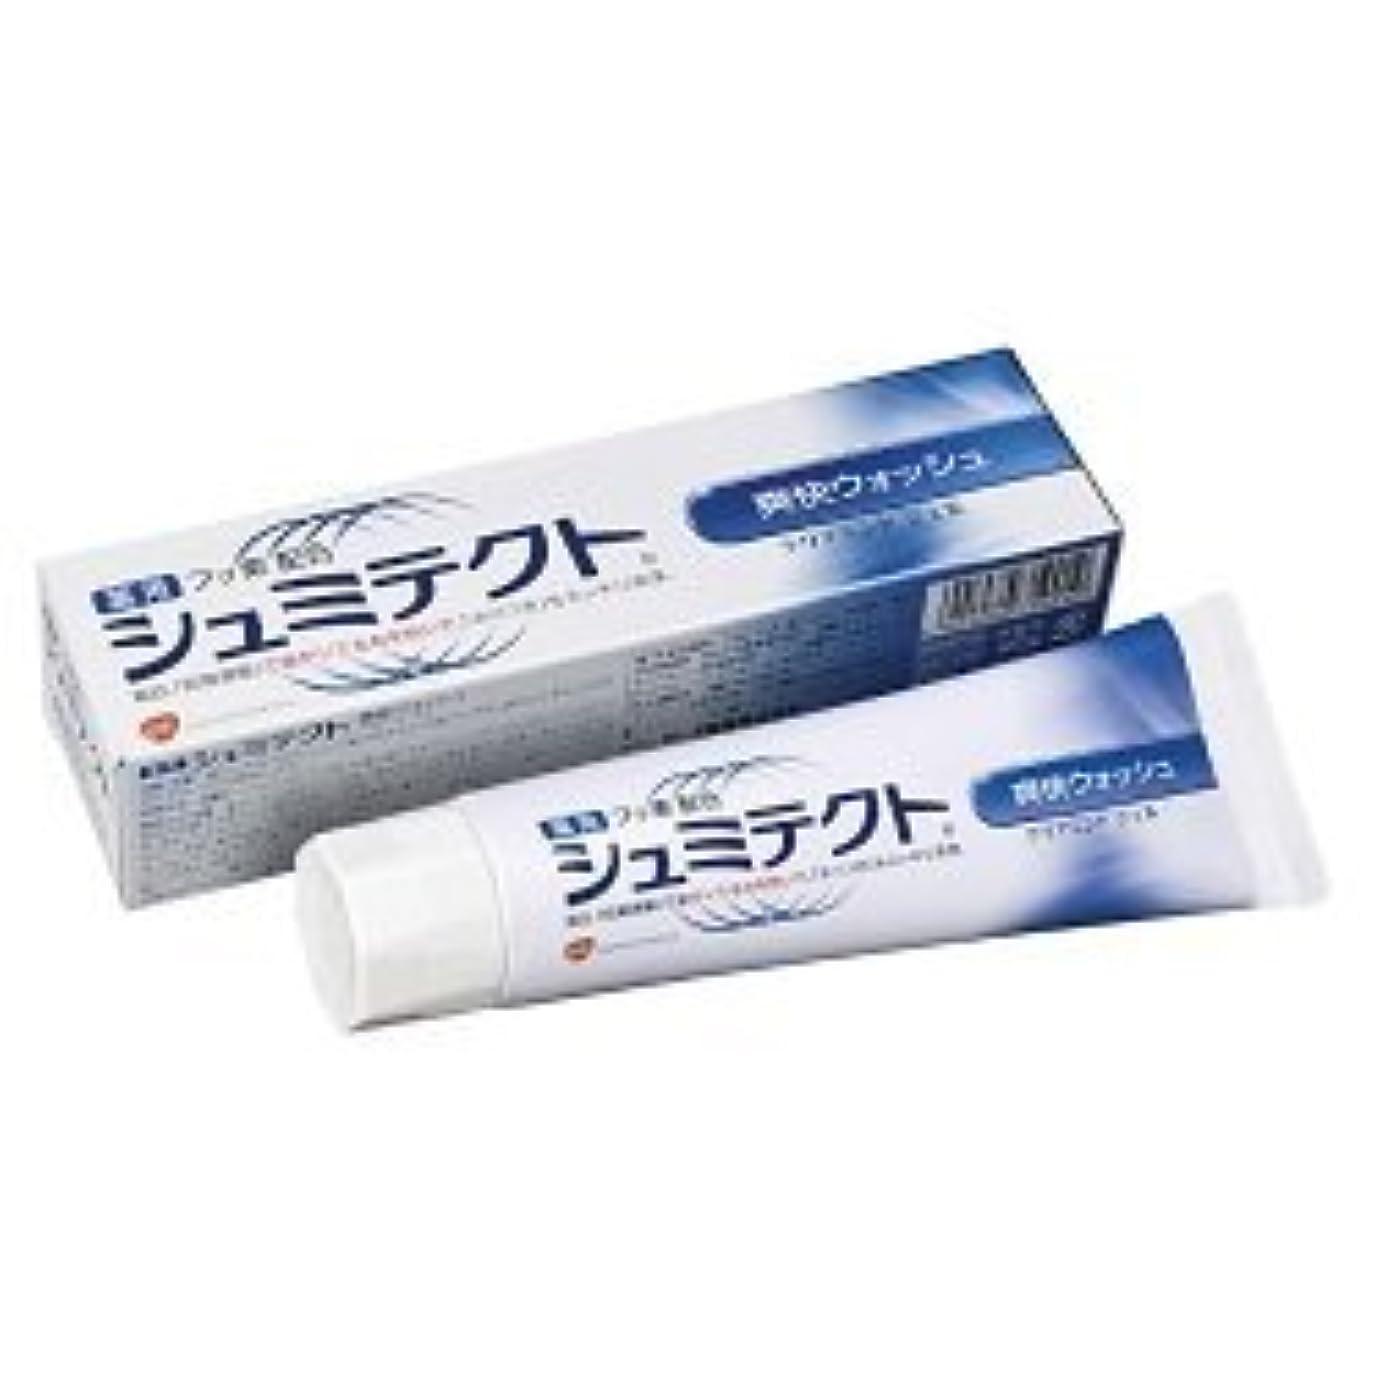 活気づく慈悲ホーム【アース製薬】アース シュミテクト 爽快ウォッシュ 90g ×3個セット